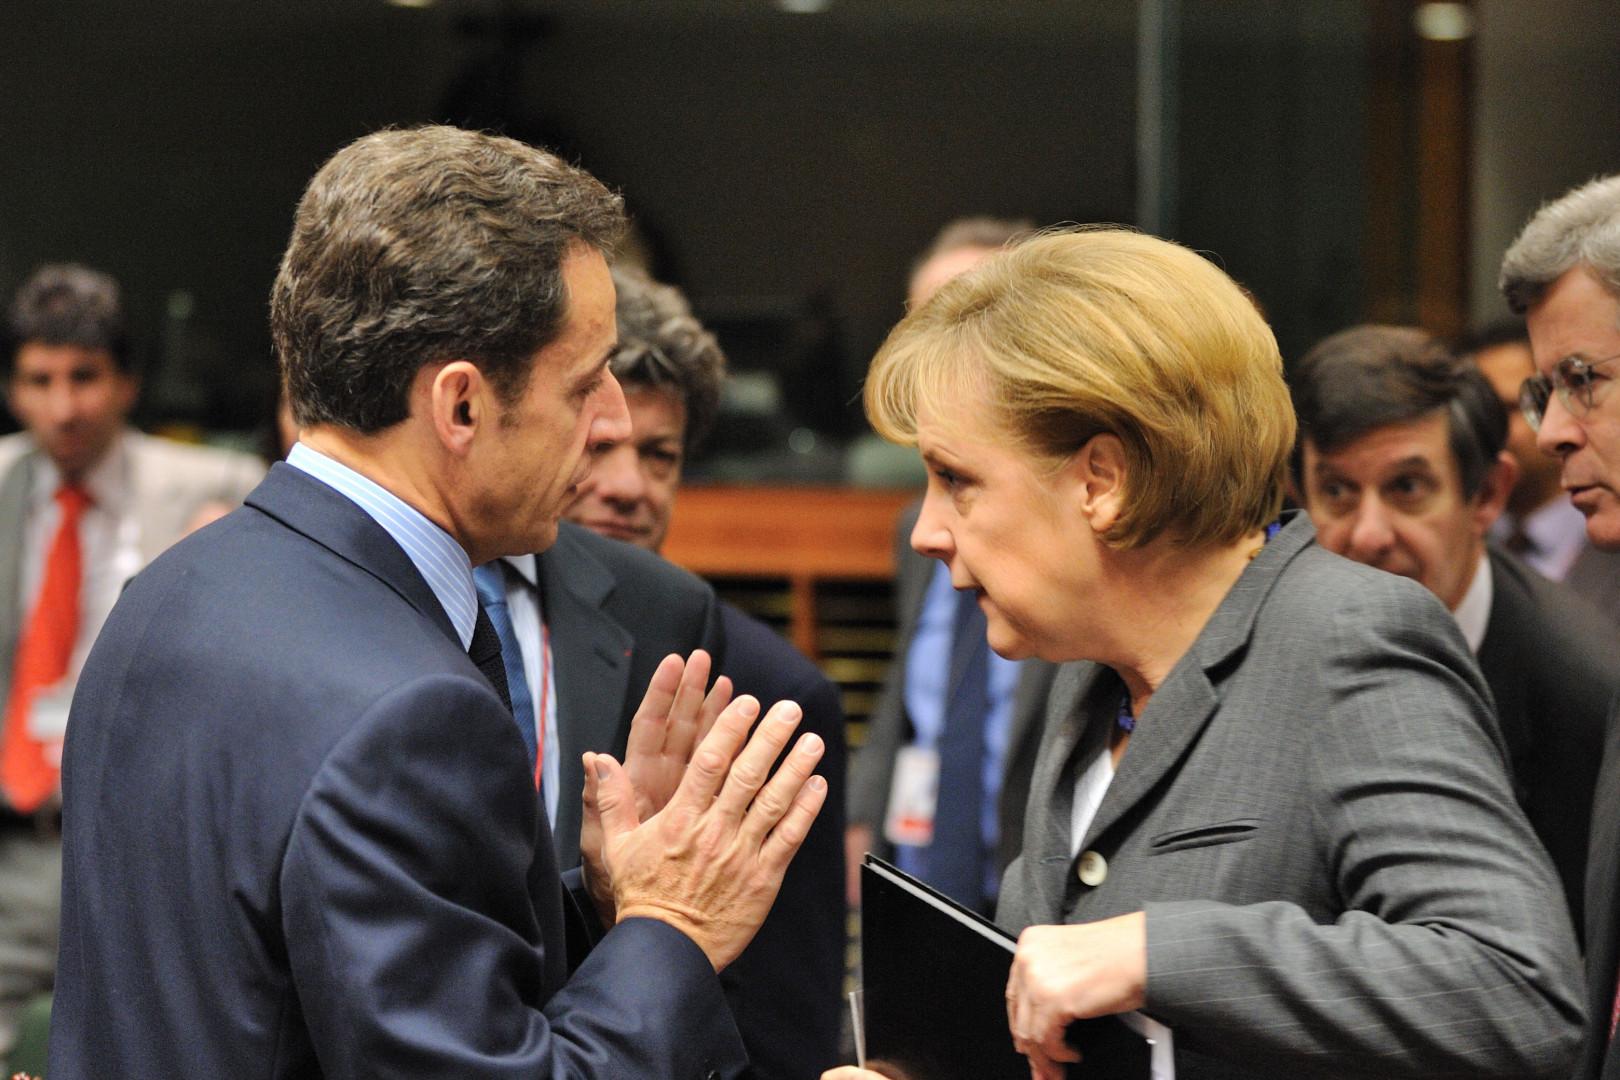 Le président français Nicolas Sarkozy s'entretient avec la chancelière allemande Angela Merkel au Conseil européen le 11 décembre 2008 à Bruxelles.